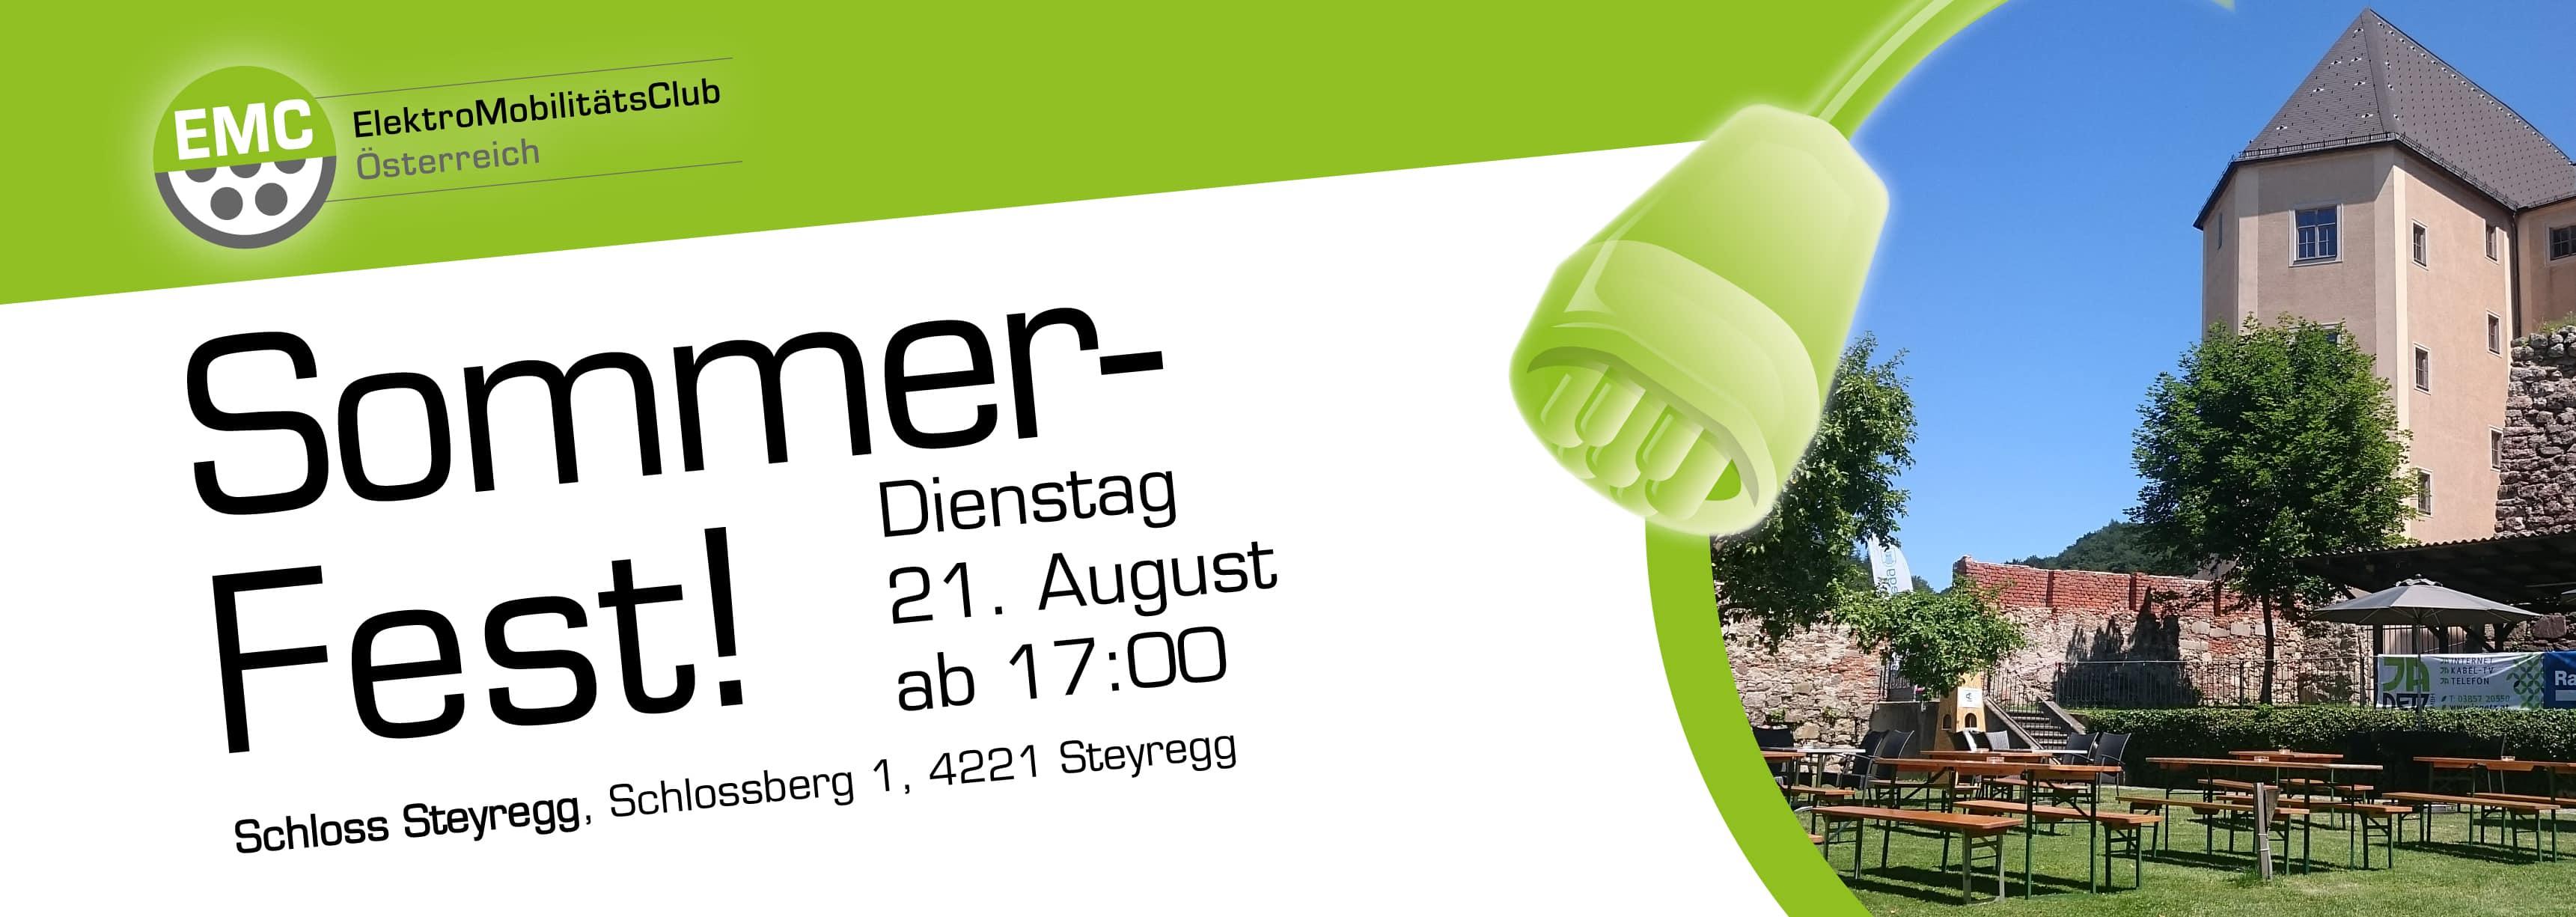 E-Mobility - Sommerfest / Kompetenztreffen OBERÖSTERREICH August »